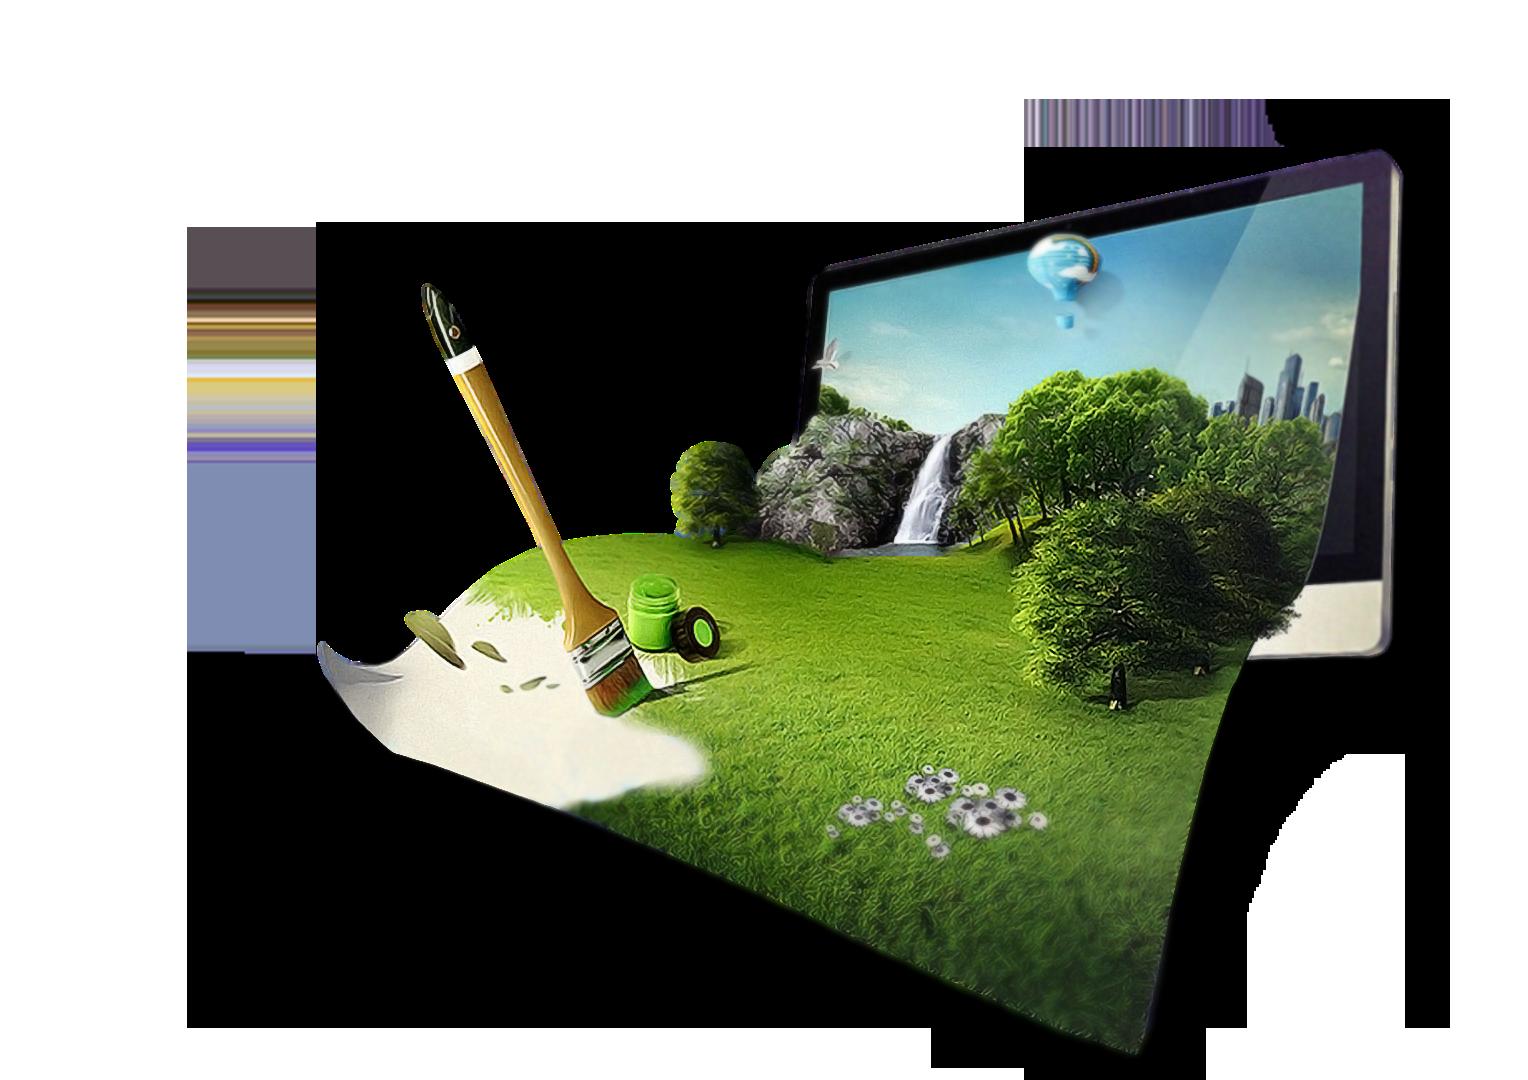 Znalezione obrazy dla zapytania Создание индивидуального дизайна для сайта